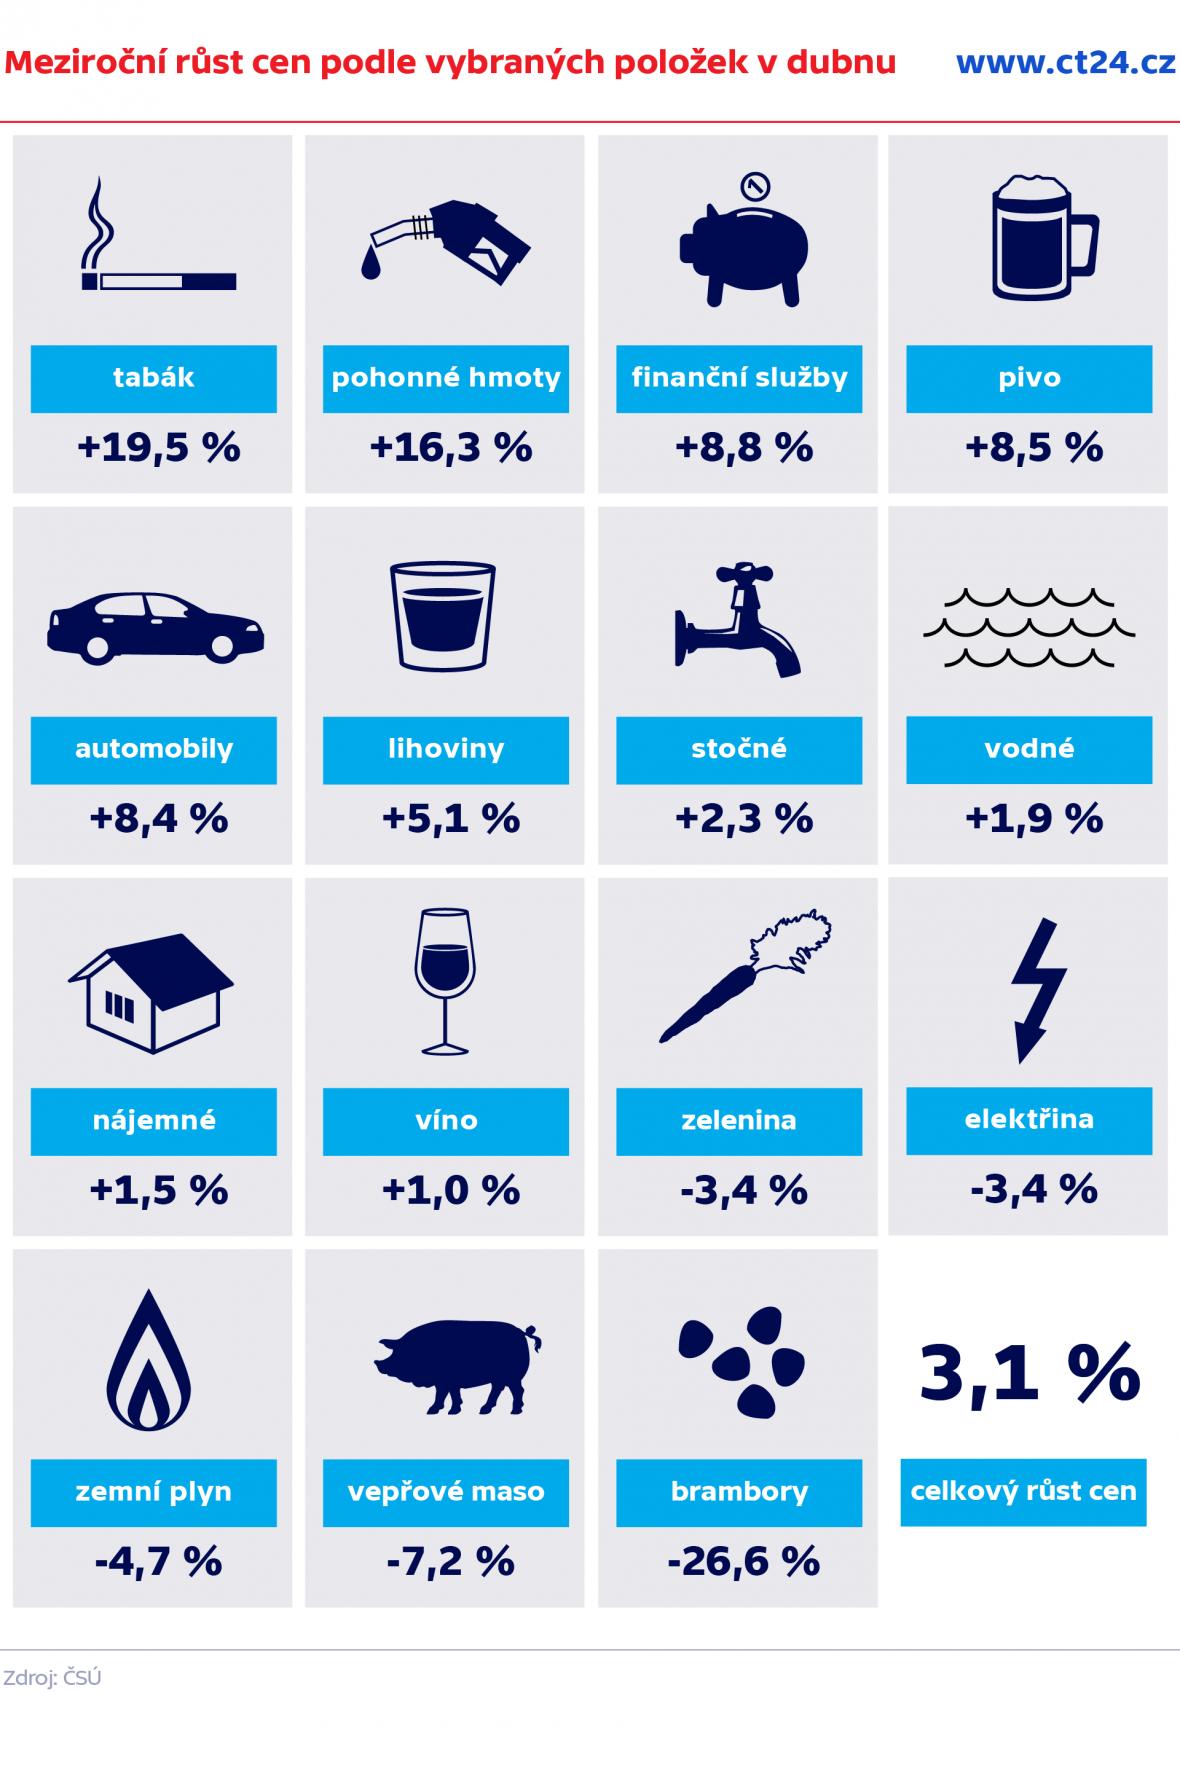 Meziroční růst cen podle vybraných položek v dubnu